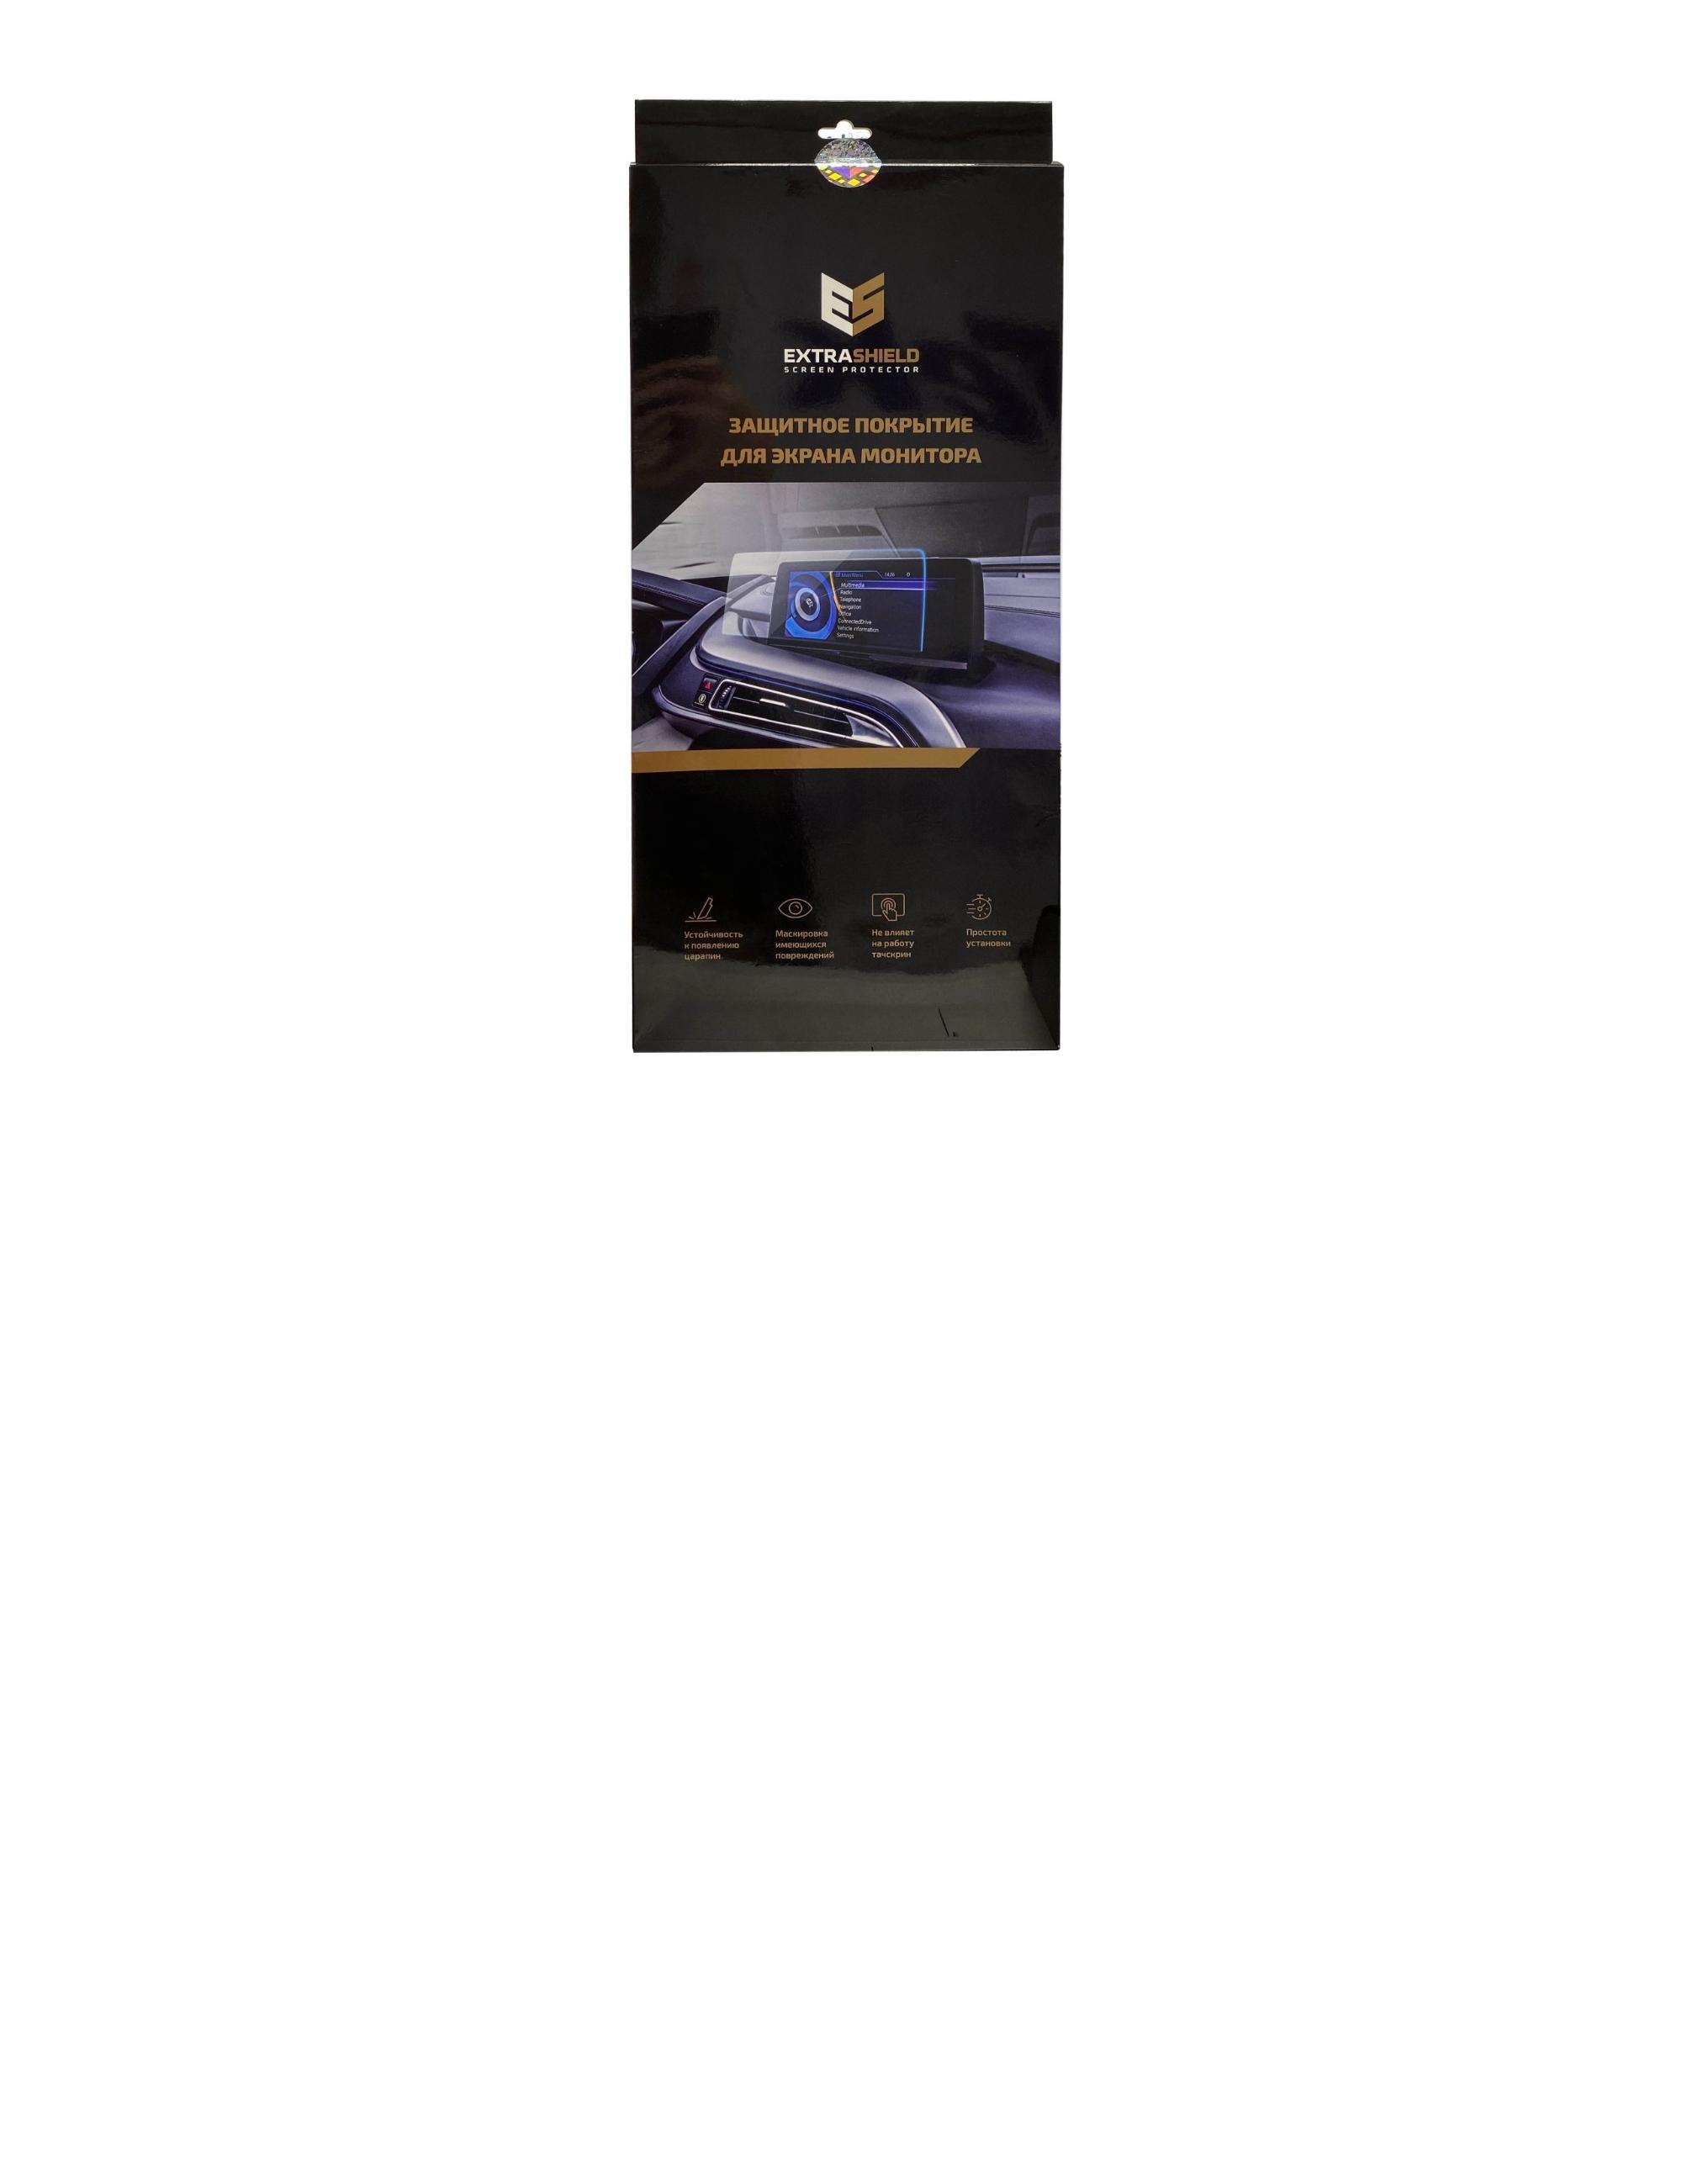 BMW 3-4 серия ( F80 M3/ F82 M4) 2013 - 2020 мультимедиа NBT 8,8 Статическая пленка Матовая